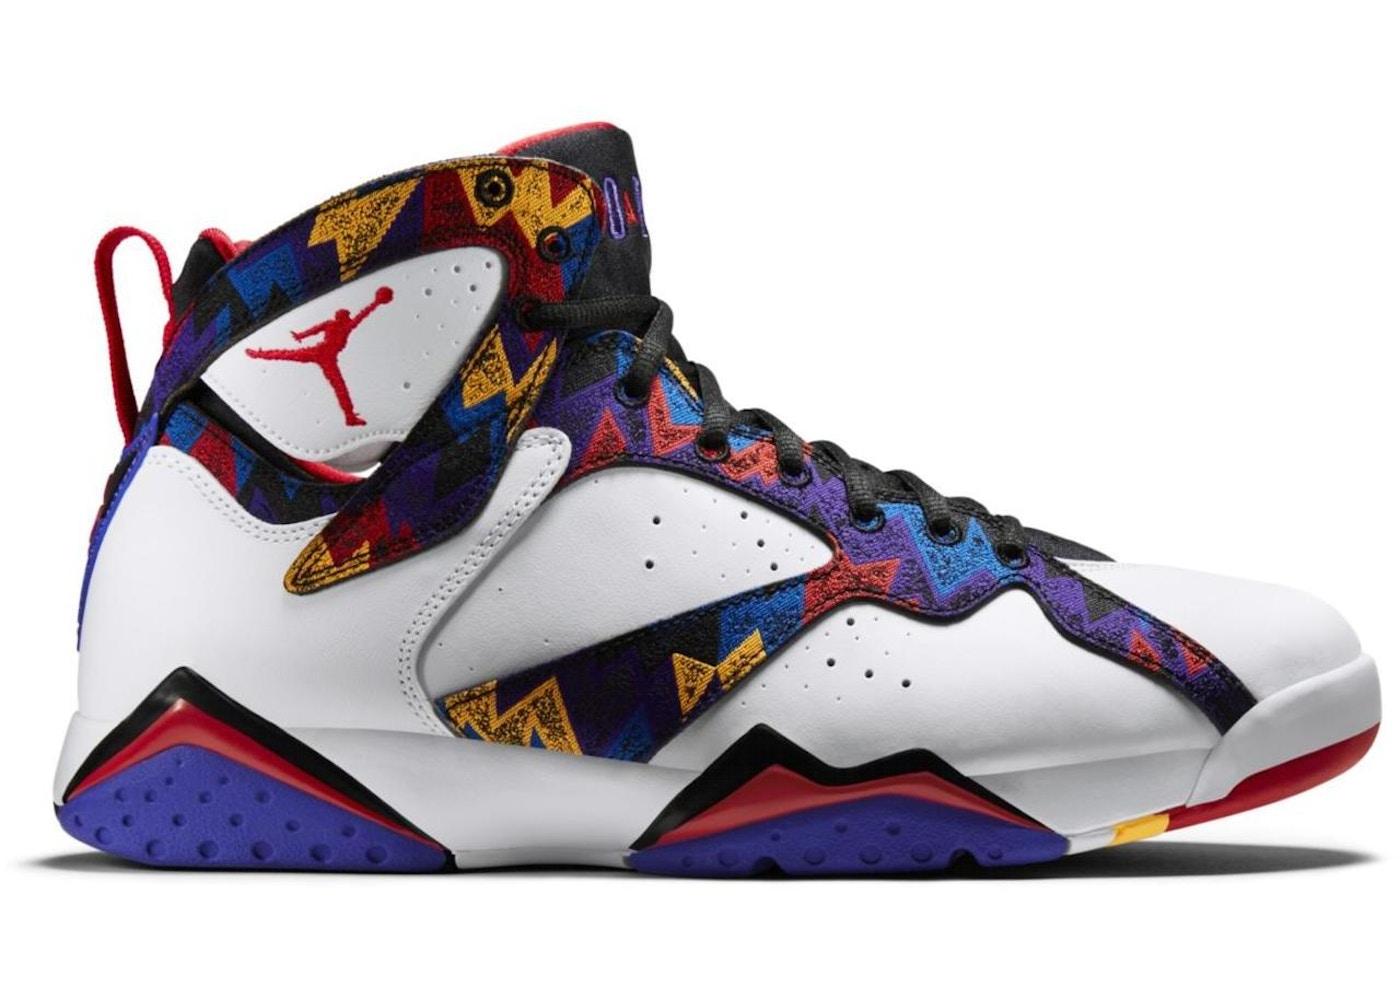 buy online 55fbf 40176 Buy Air Jordan 7 Shoes & Deadstock Sneakers